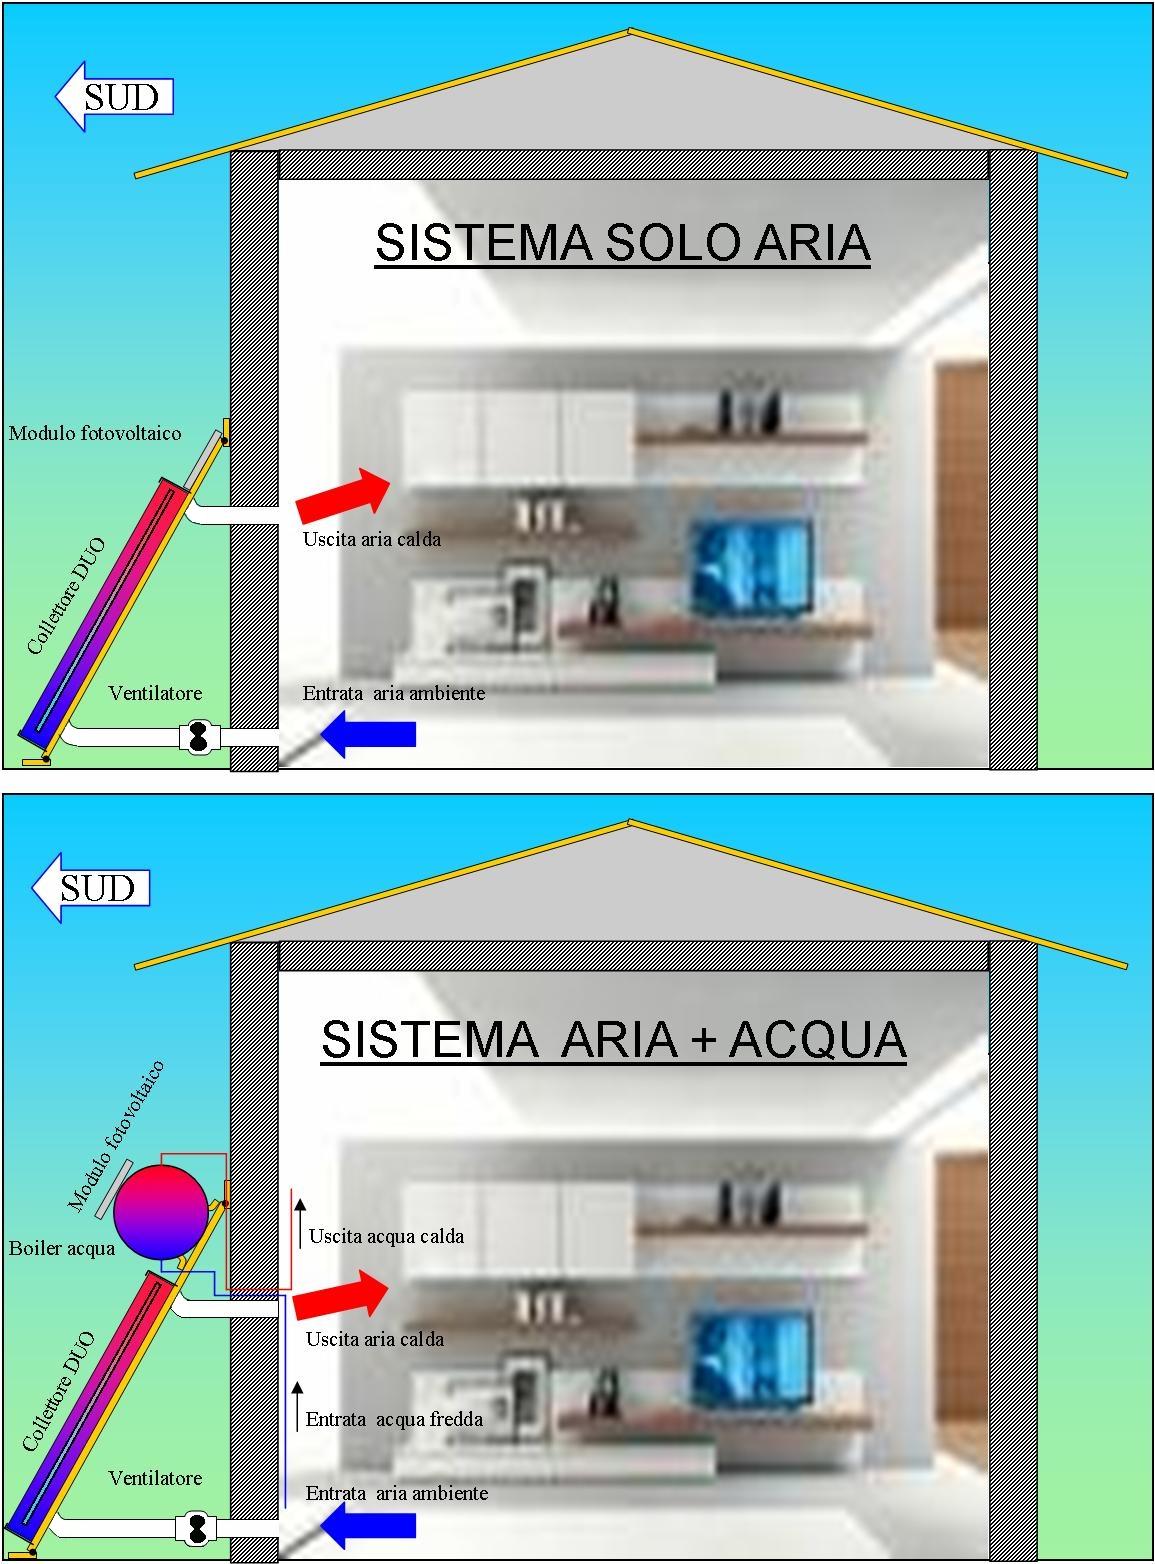 Risorse solari pannelli solari termici collettori solari for Pannelli solari per acqua calda ultima generazione